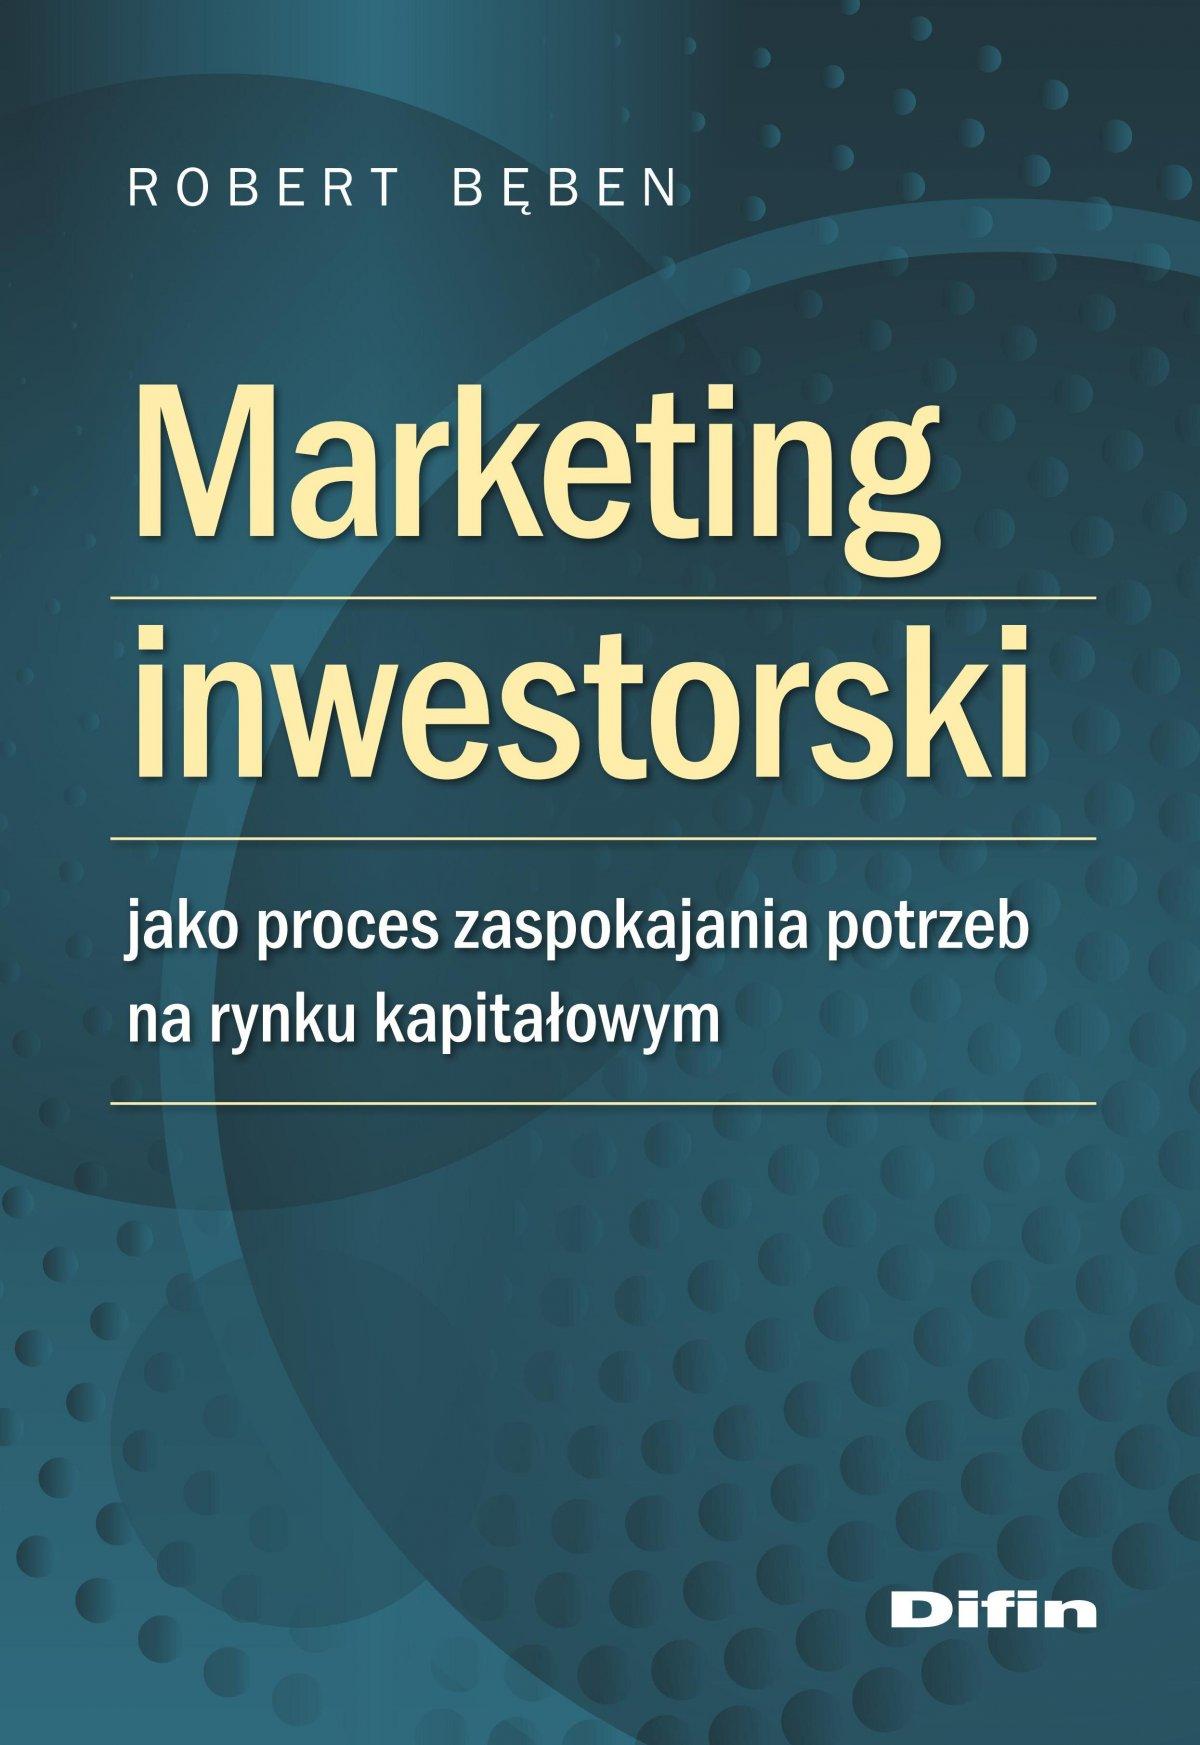 Marketing inwestorski jako proces zaspokajania potrzeb na rynku kapitałowym - Ebook (Książka EPUB) do pobrania w formacie EPUB